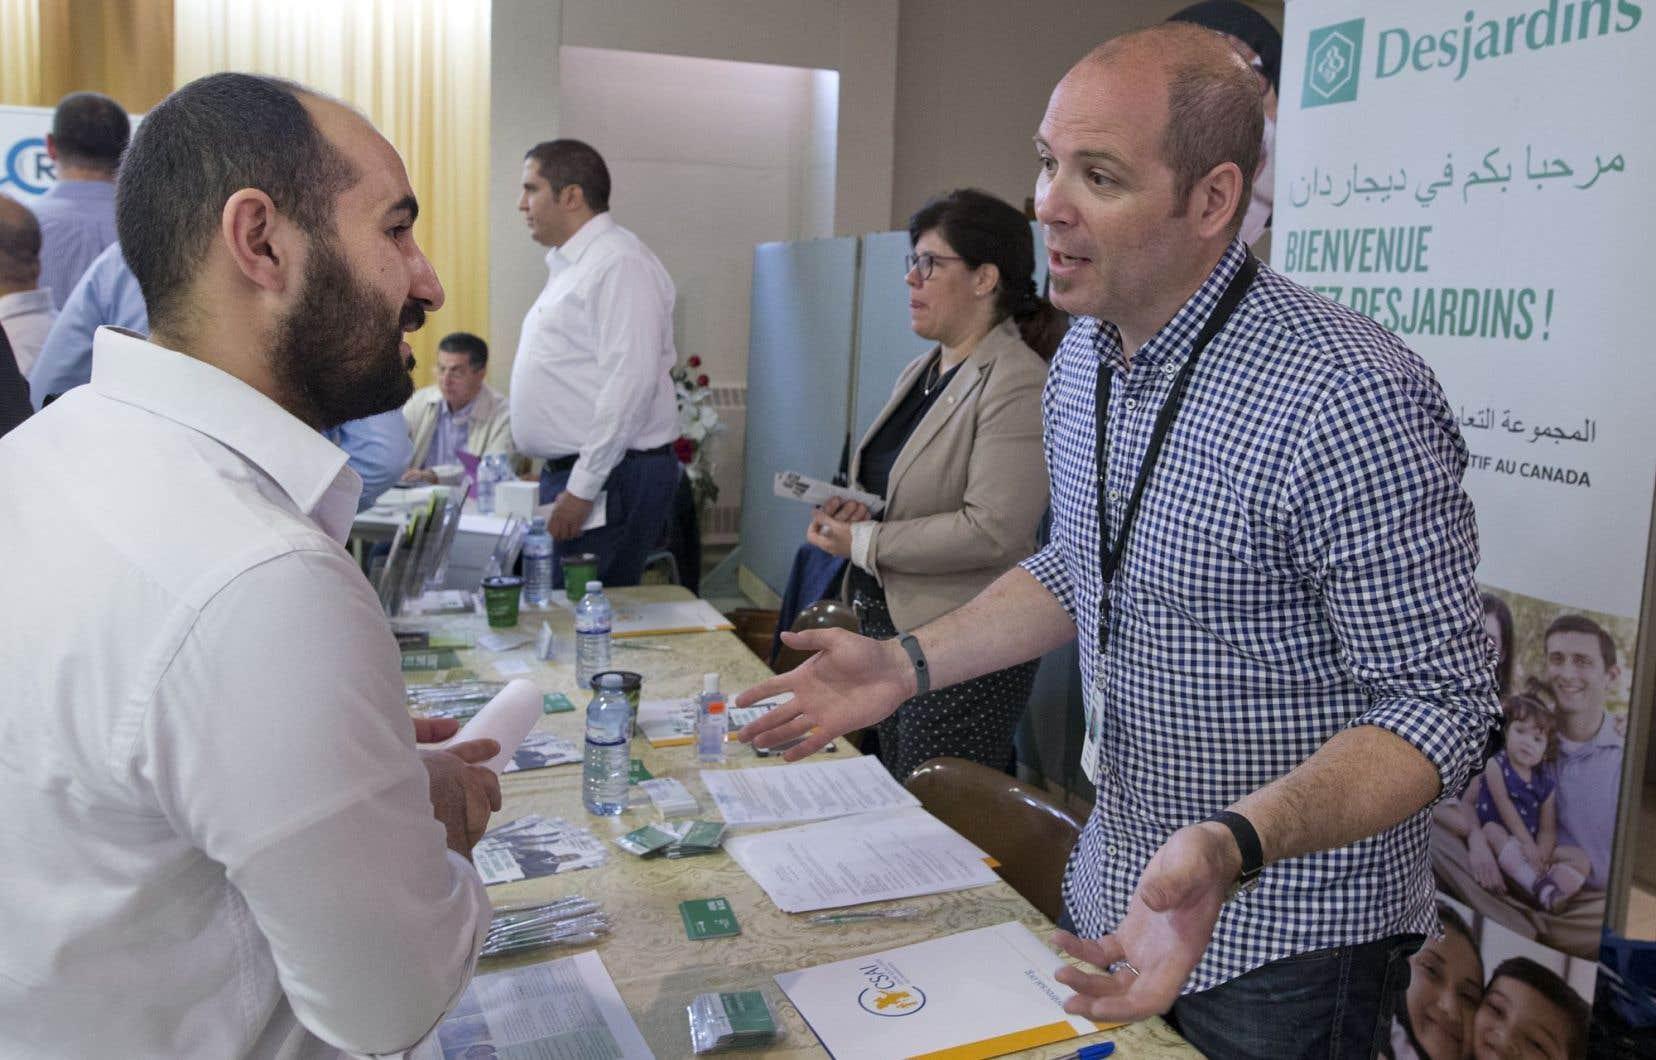 Environ 300 réfugiés syriens ont participé au salon de l'emploi qui leur était spécifiquement destiné.